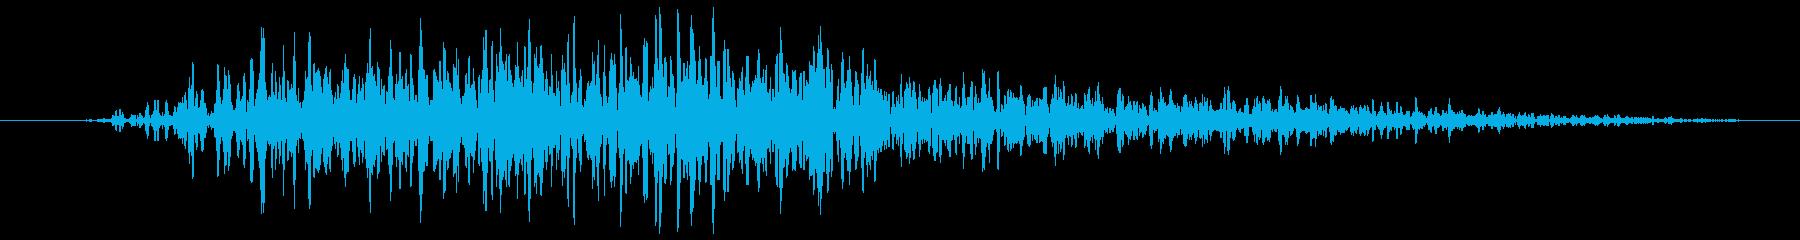 不協和音 風うねり 低い(ホラー)の再生済みの波形